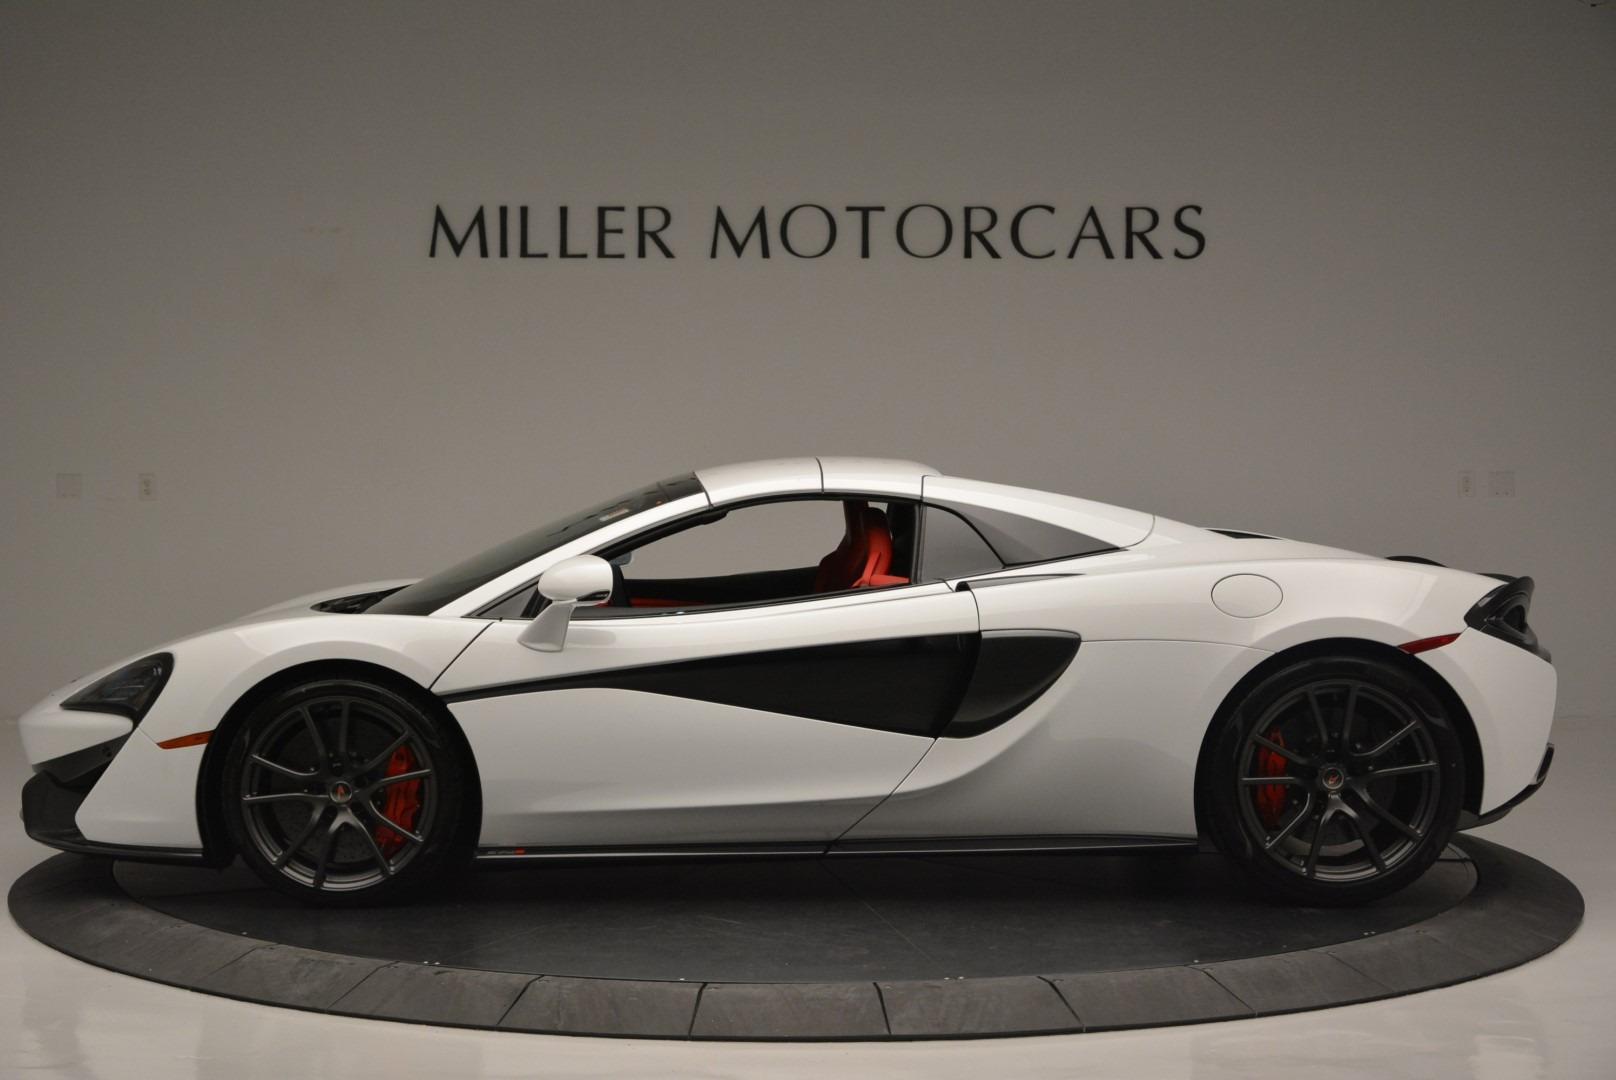 Used 2018 McLaren 570S Spider For Sale In Westport, CT 2341_p15